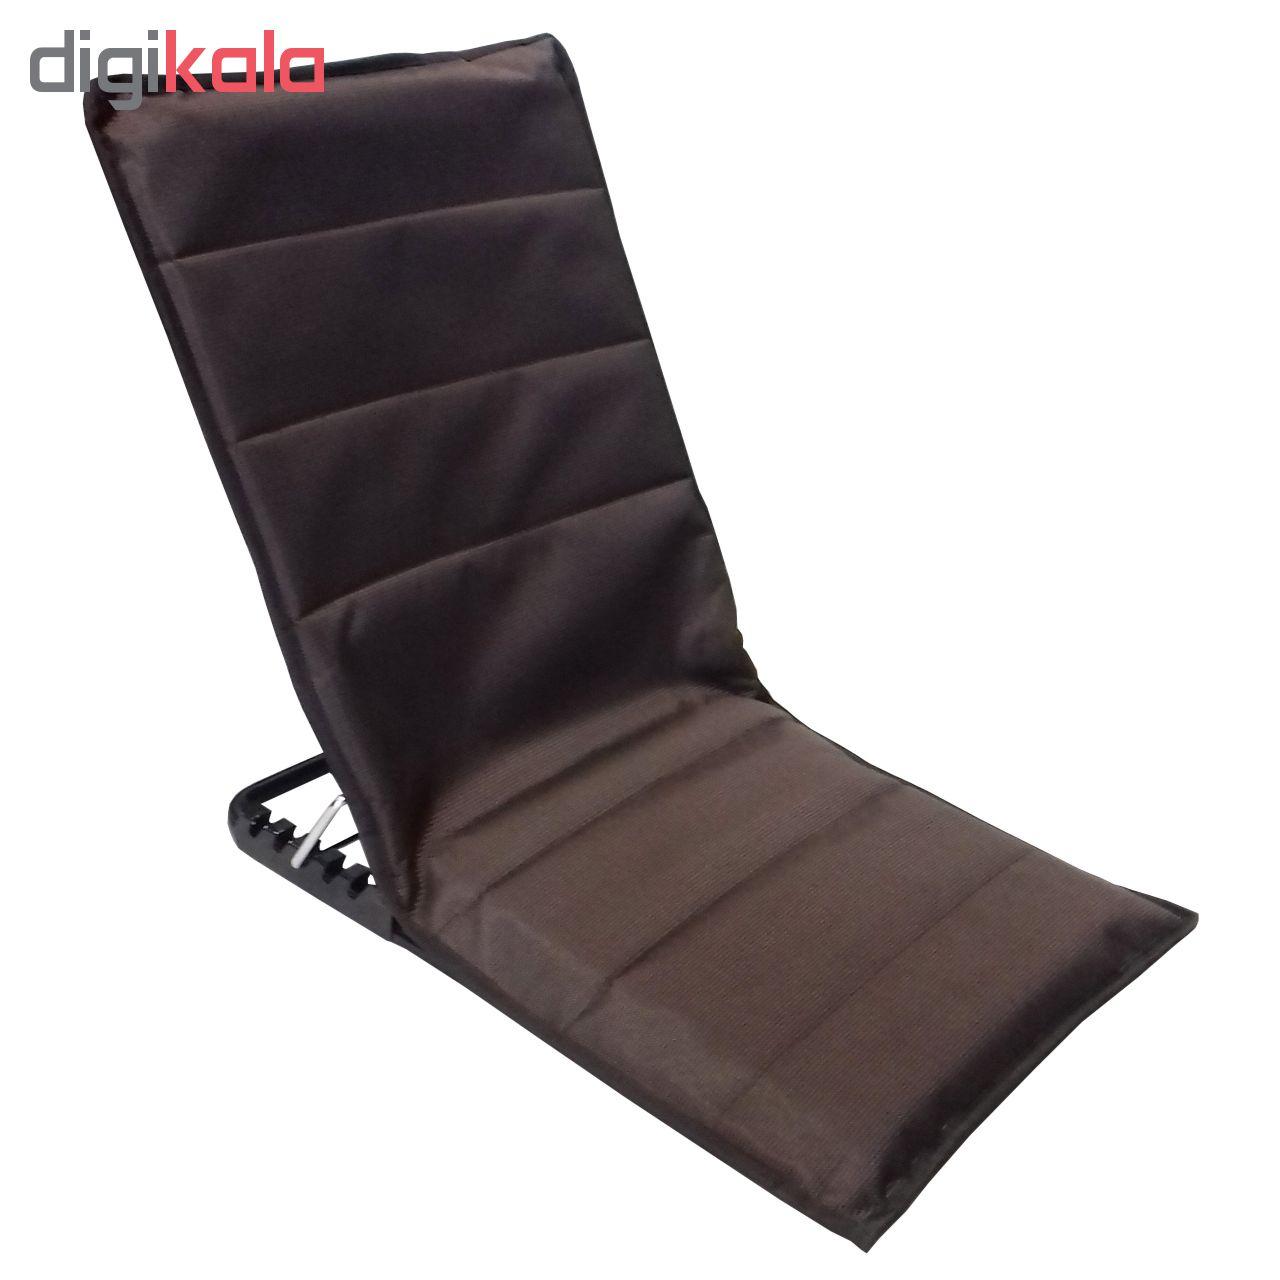 صندلی راحت نشین آپادانا مدل hm1900